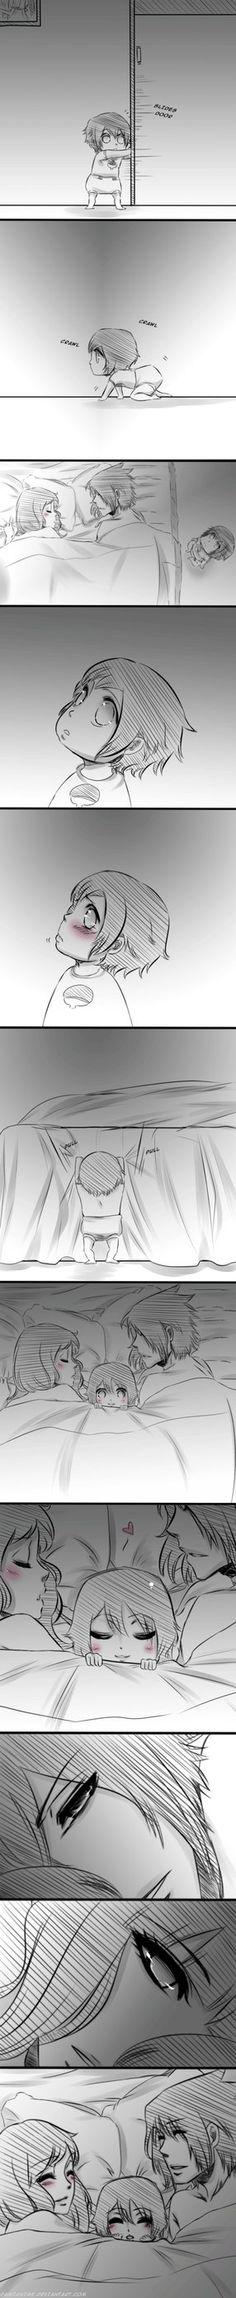 Sasuke, Sakura and Sarada. OH THE FEELS. THAT IS SO CUTE.